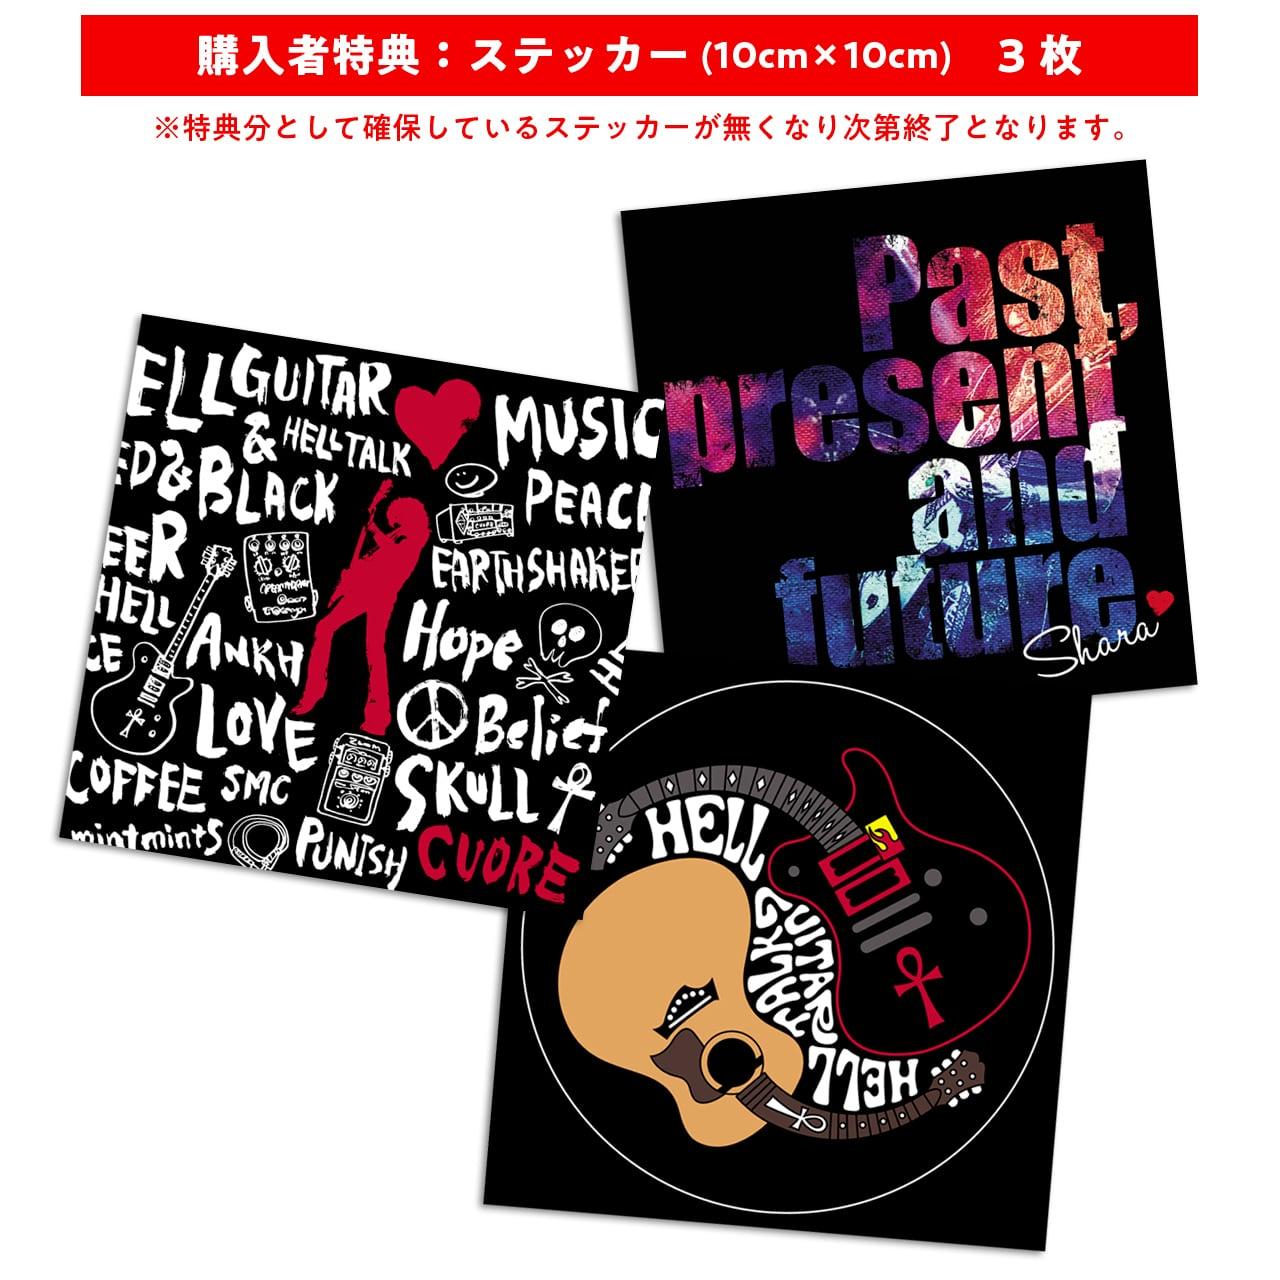 CD:『Je T'aime』SHARA +特典付 - 画像2